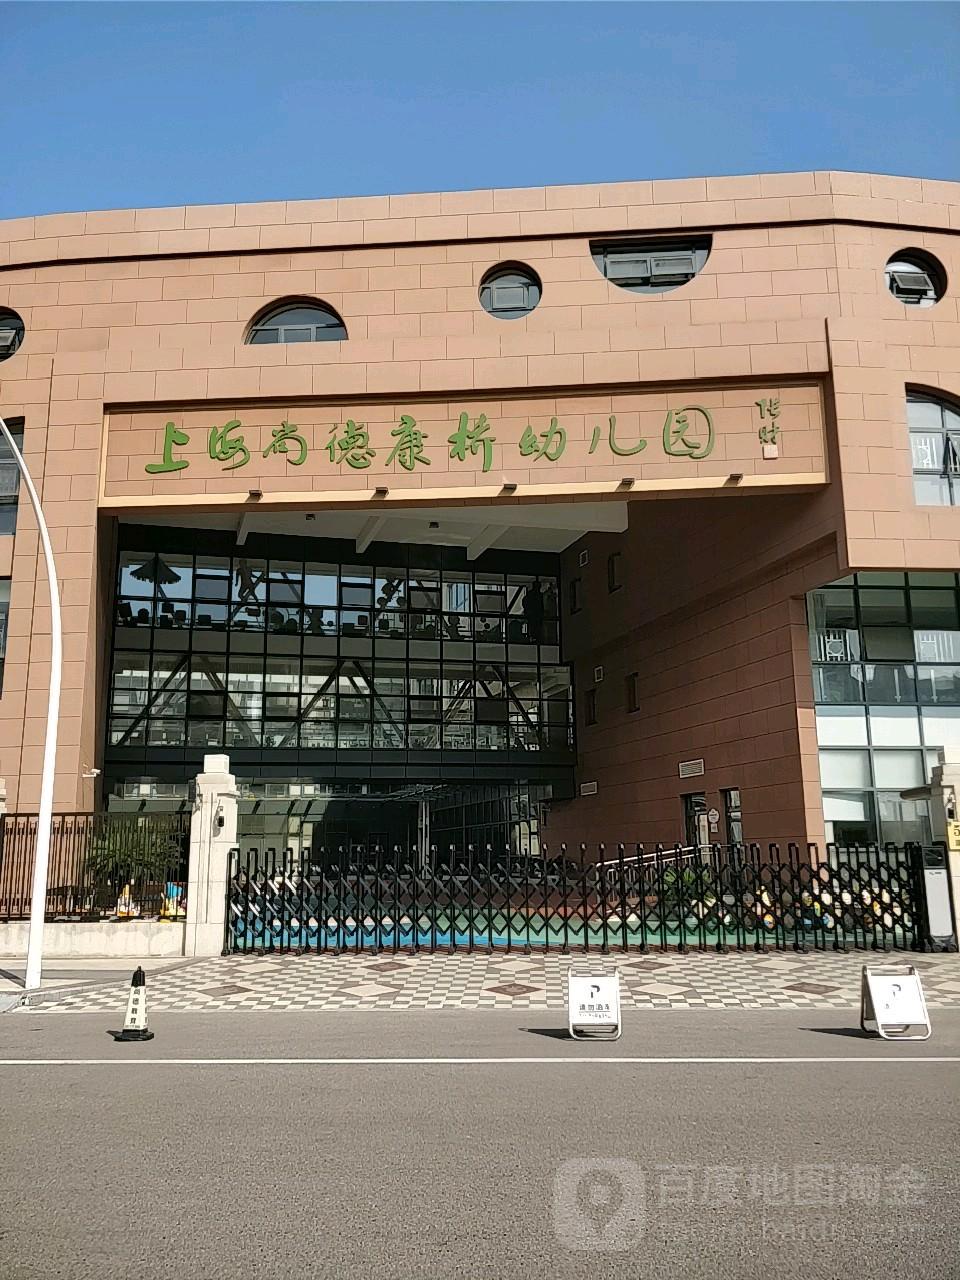 上海尚德康桥幼儿园